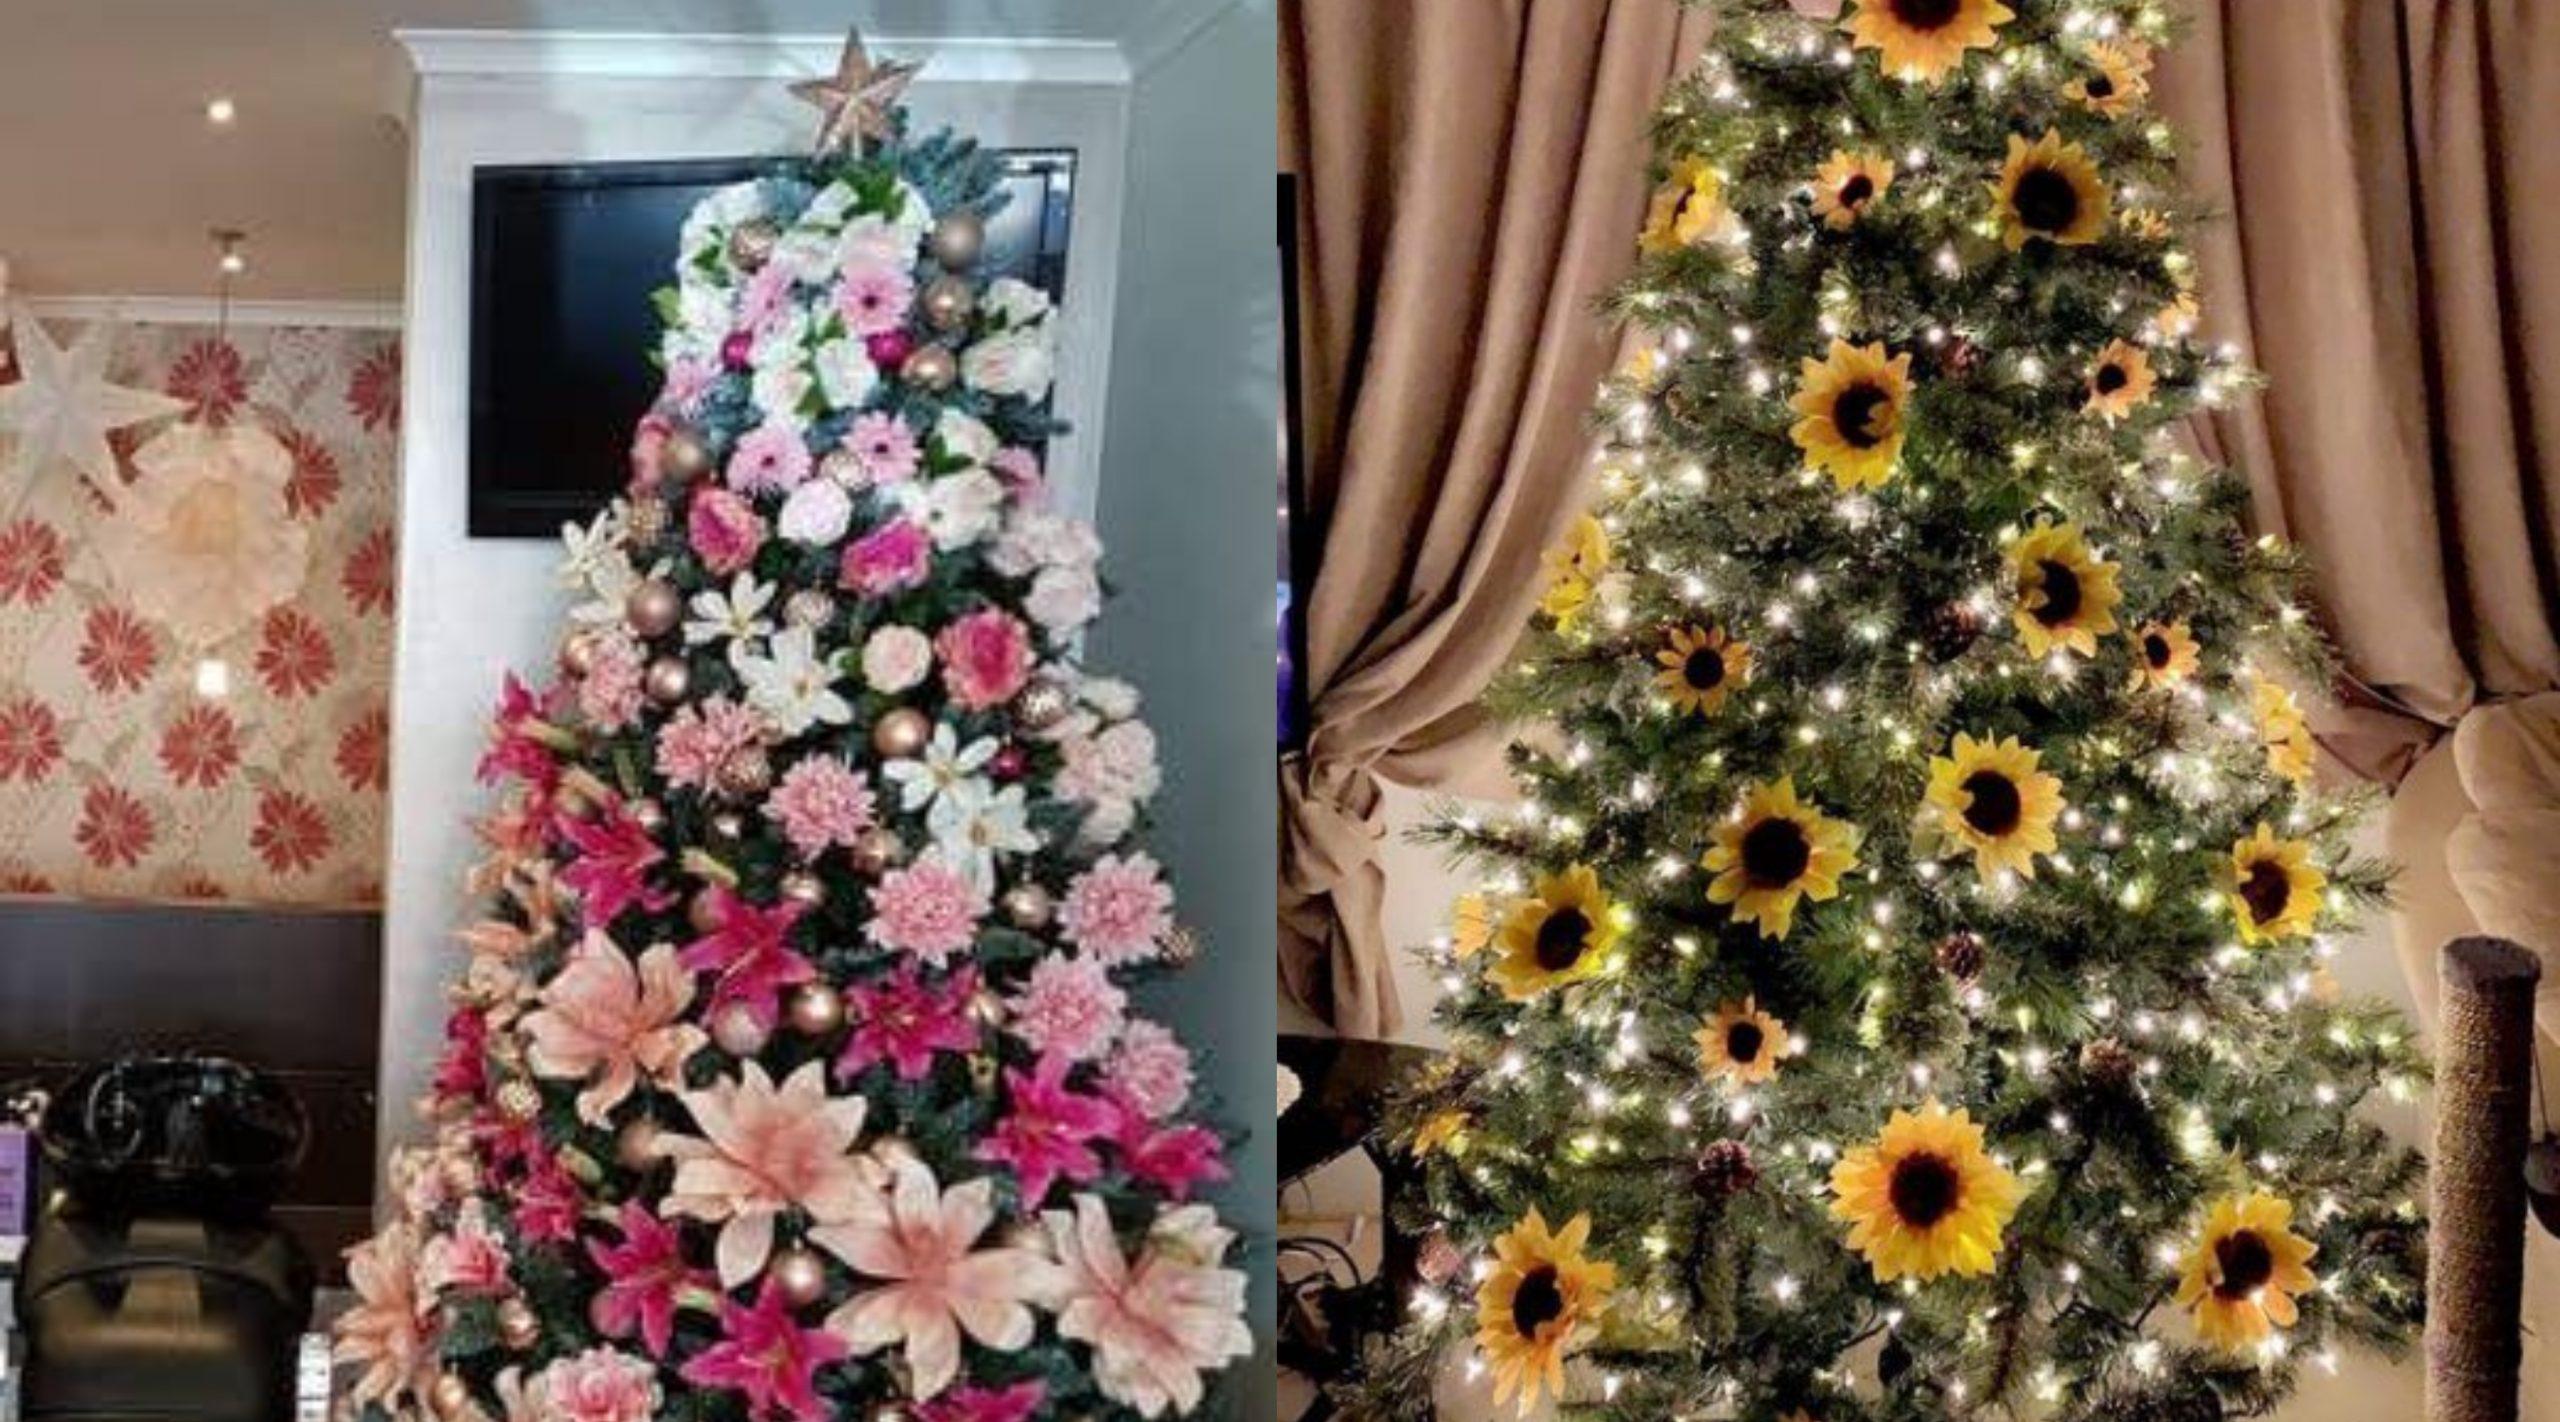 arboles de navidad decorados con flores y girasolres